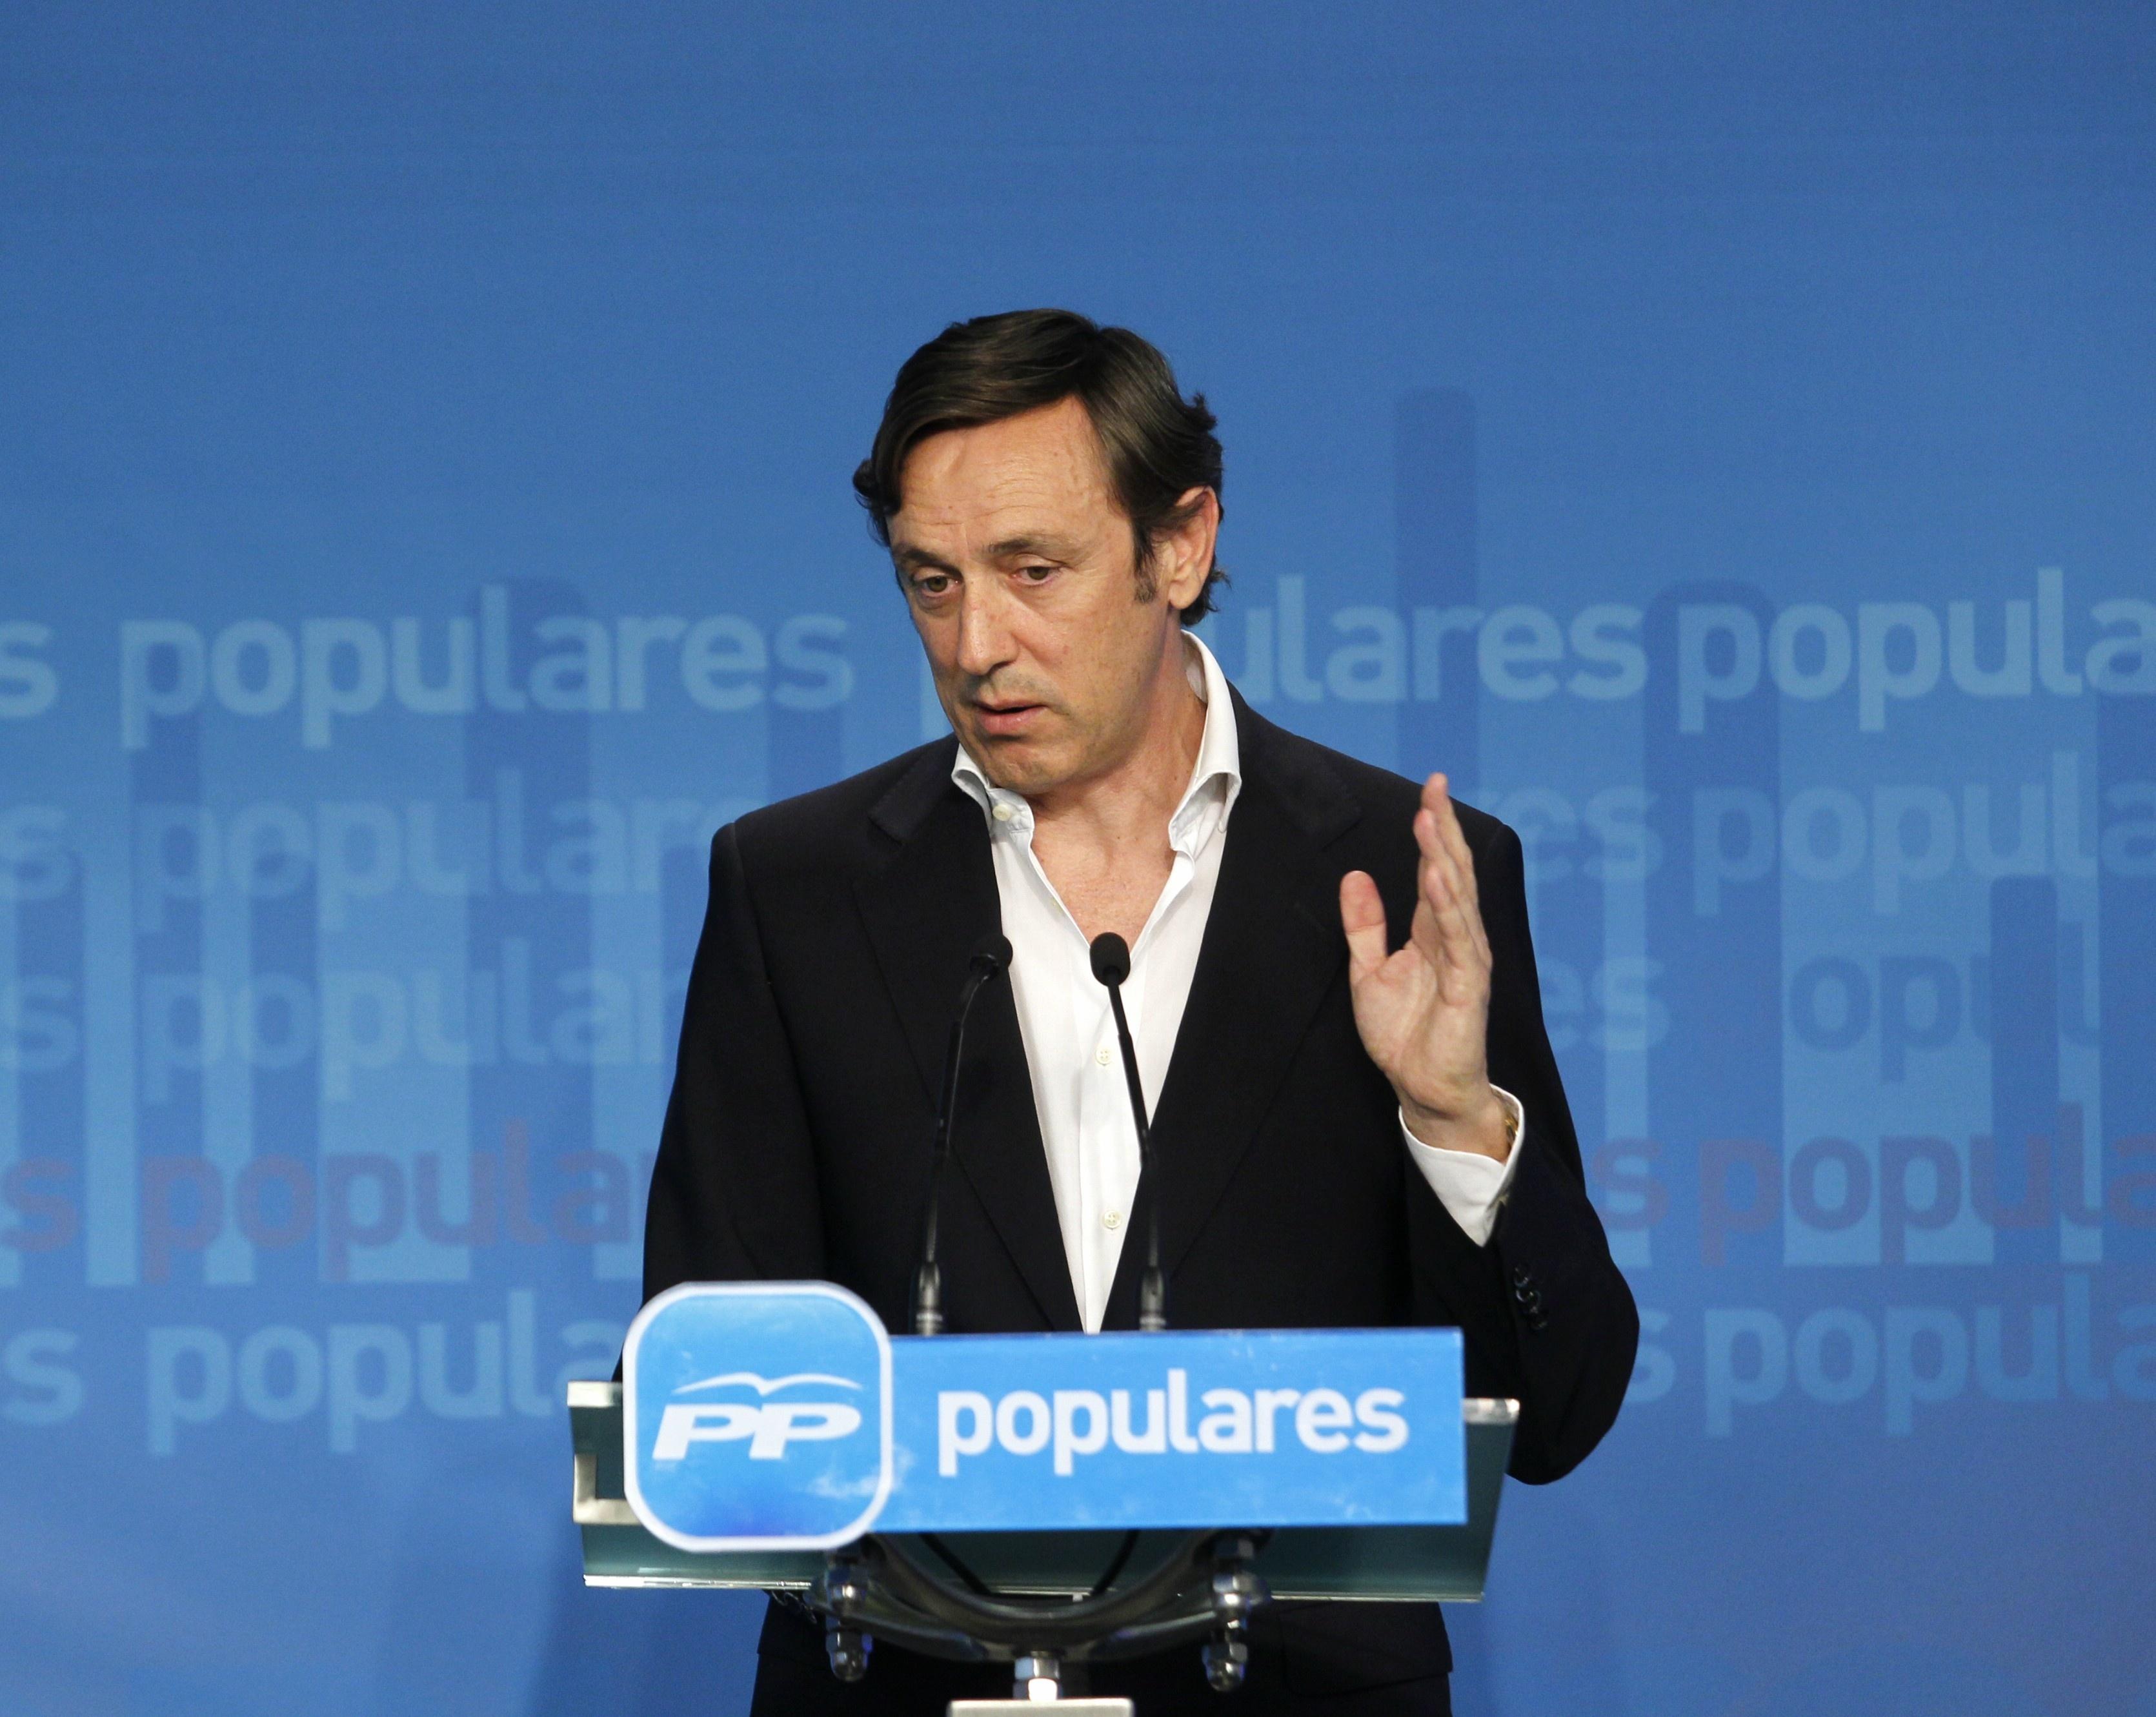 El PP dice que si el Gobierno no ha cumplido todas las expectativas es por la herencia